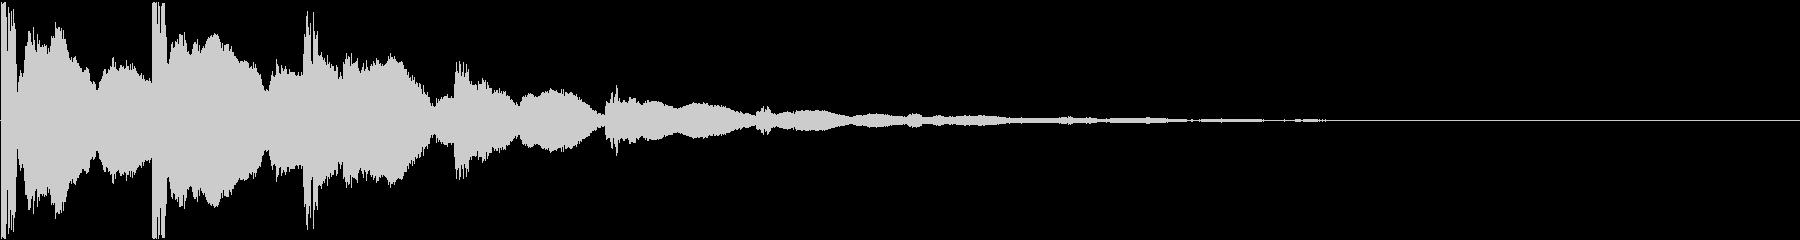 チャリン:ゲームのスタート音・コインの未再生の波形